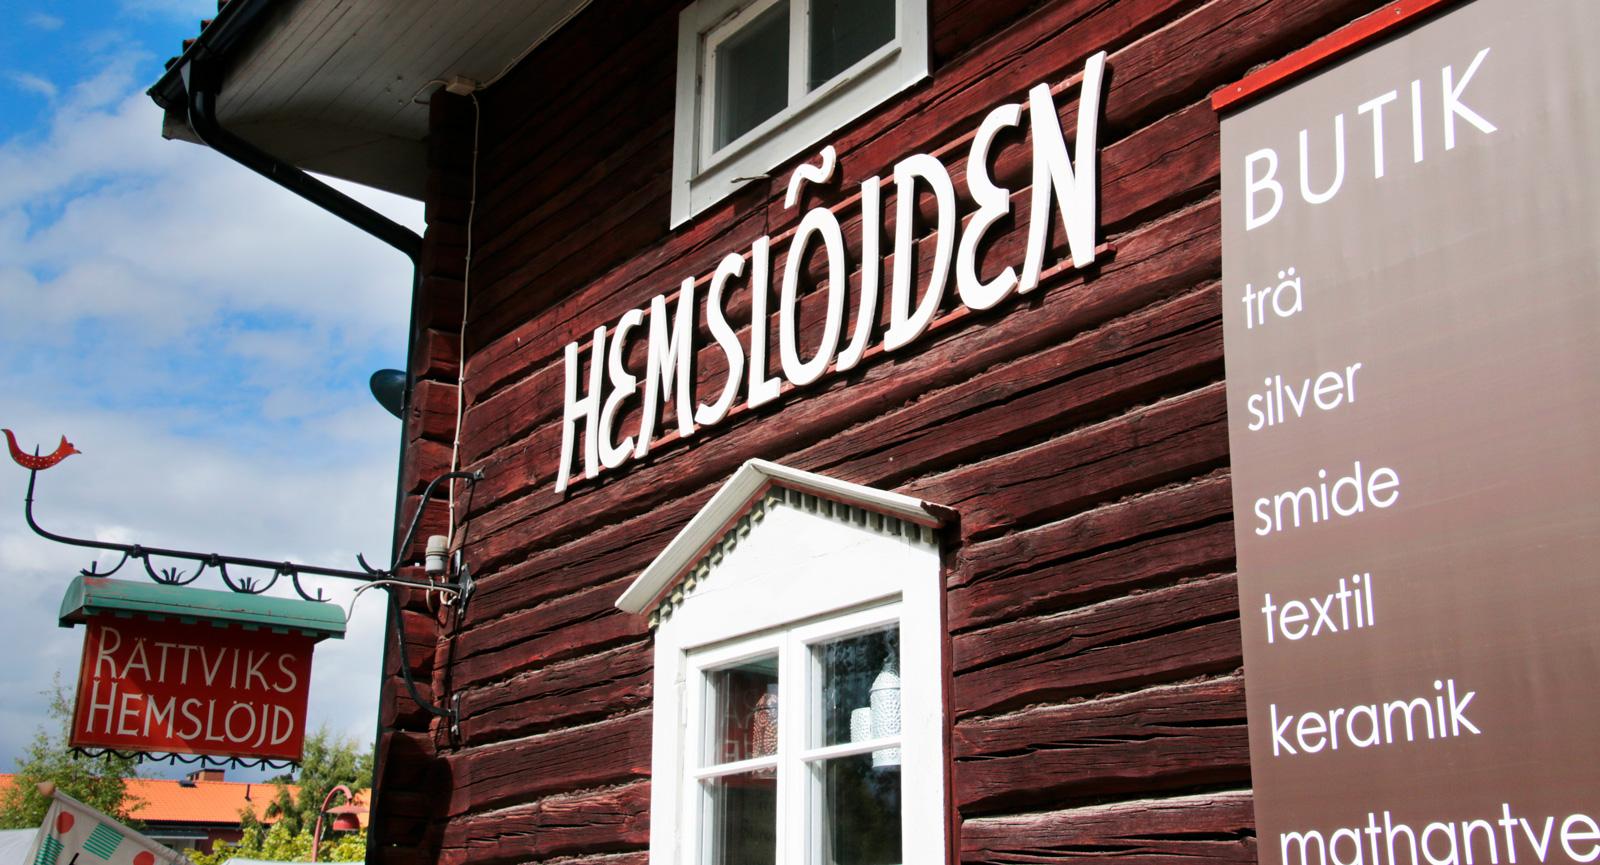 Missa inte att besöka hemslöjdsbutikerna i Leksand och Rättvik, med hantverk i mängd.